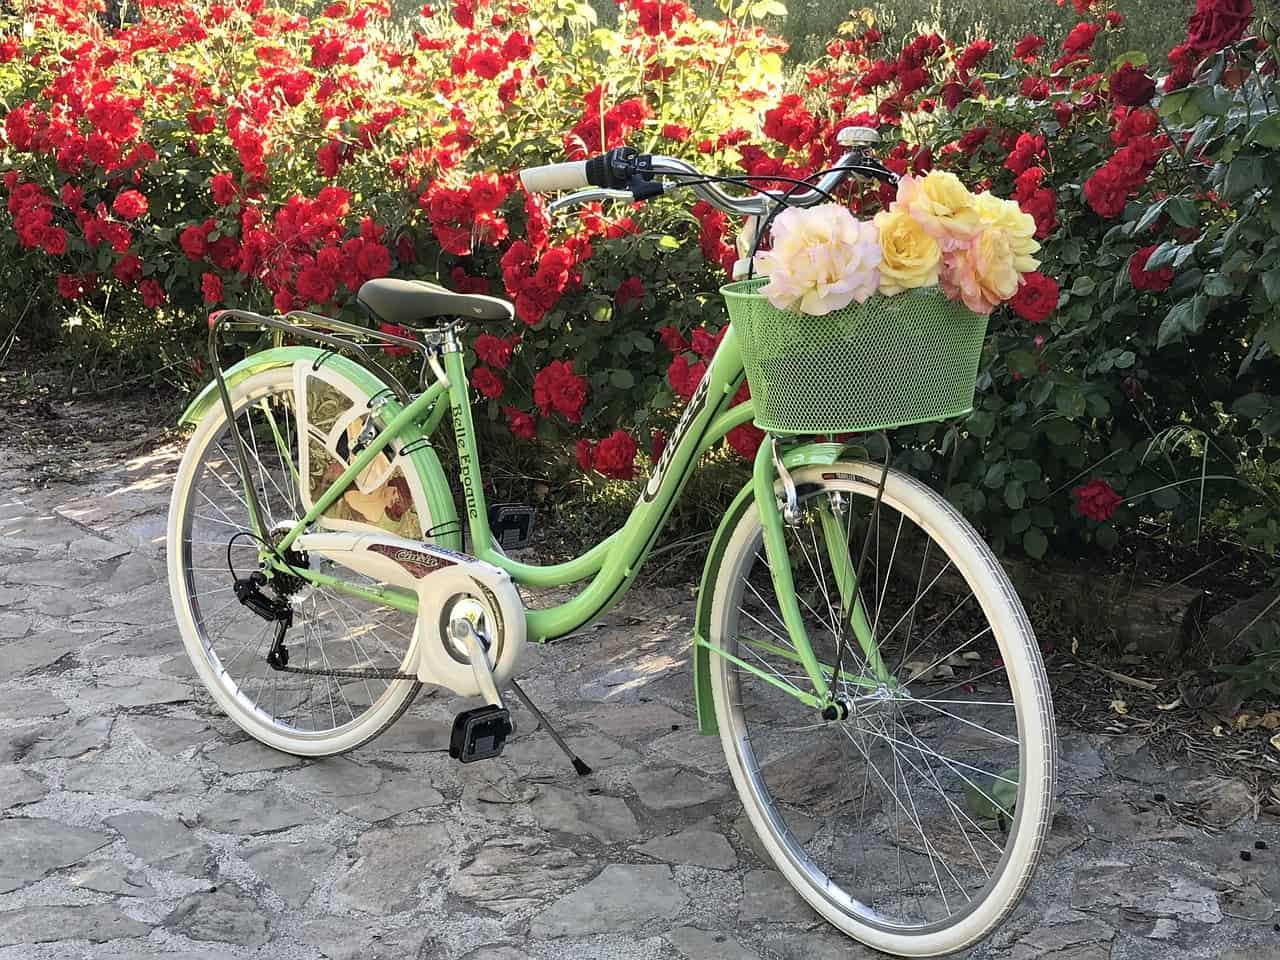 Paseo en bicicleta - ▷ Paseo en bicicleta 📖